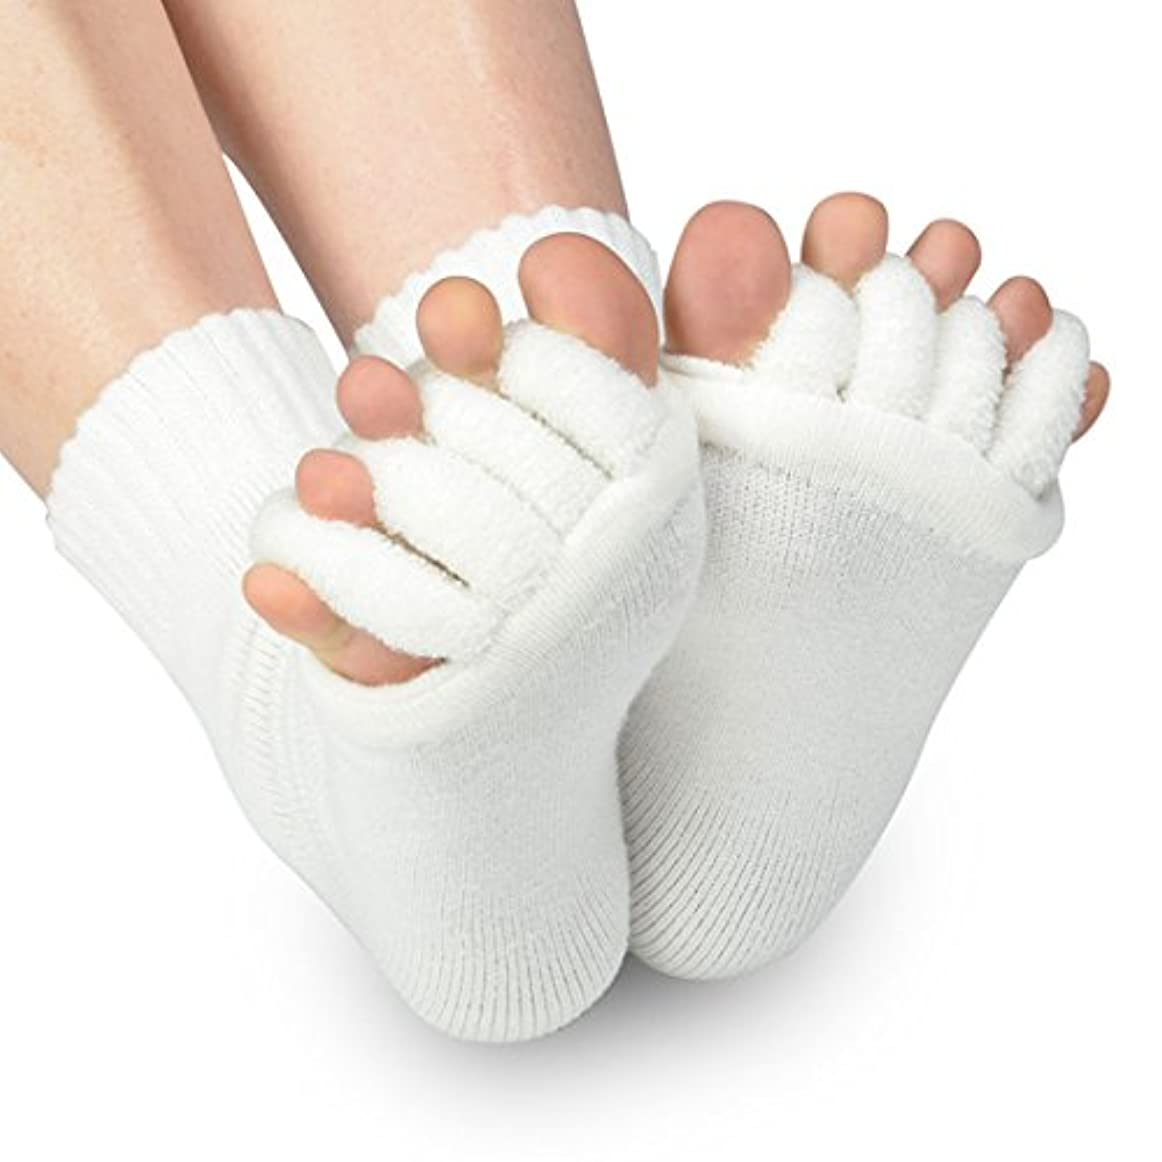 校長上に築きます行うB-PING 靴下 足指開き綿混5本指ハーフソックス 血行不良からくる足のむくみを即解消 足指開き 足指全開 男女兼用 履くだけで癒される 偏平足 対策 むくみ解消